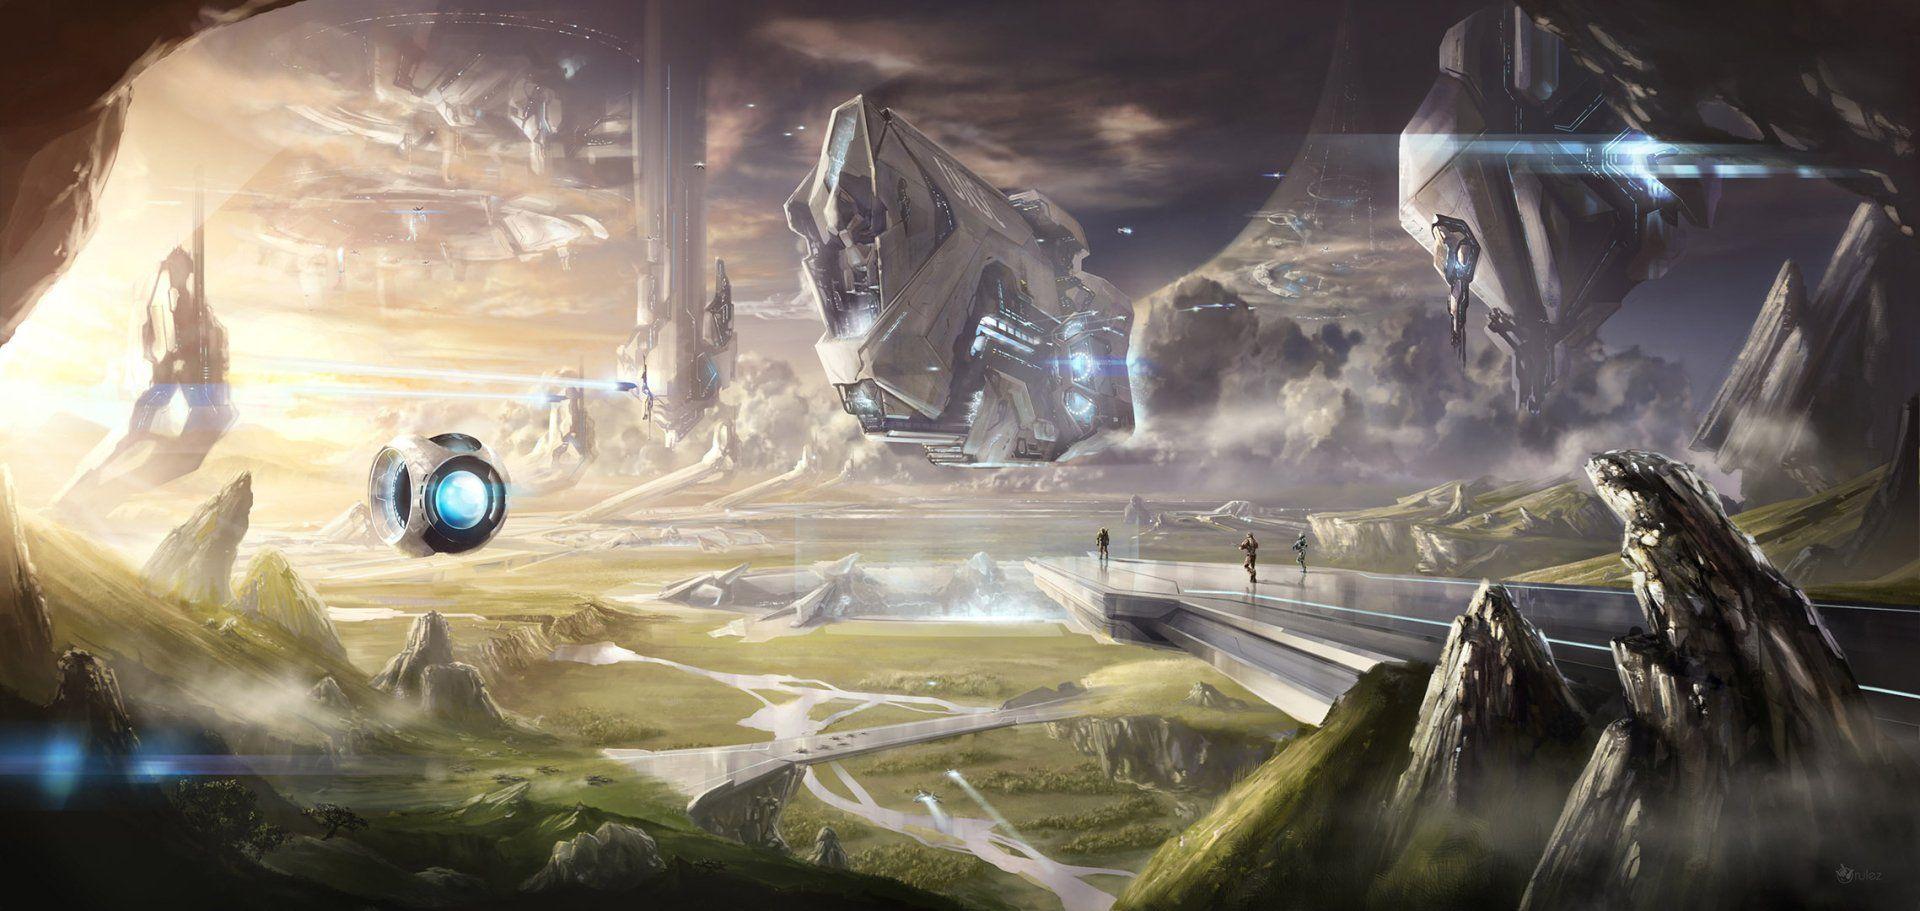 Jeux Video Halo Jeux Video Paysage Montagne Vaisseau Spatial Planete Les Gens Fond D Ecran Fond Ecran Halo Paysage Montagne